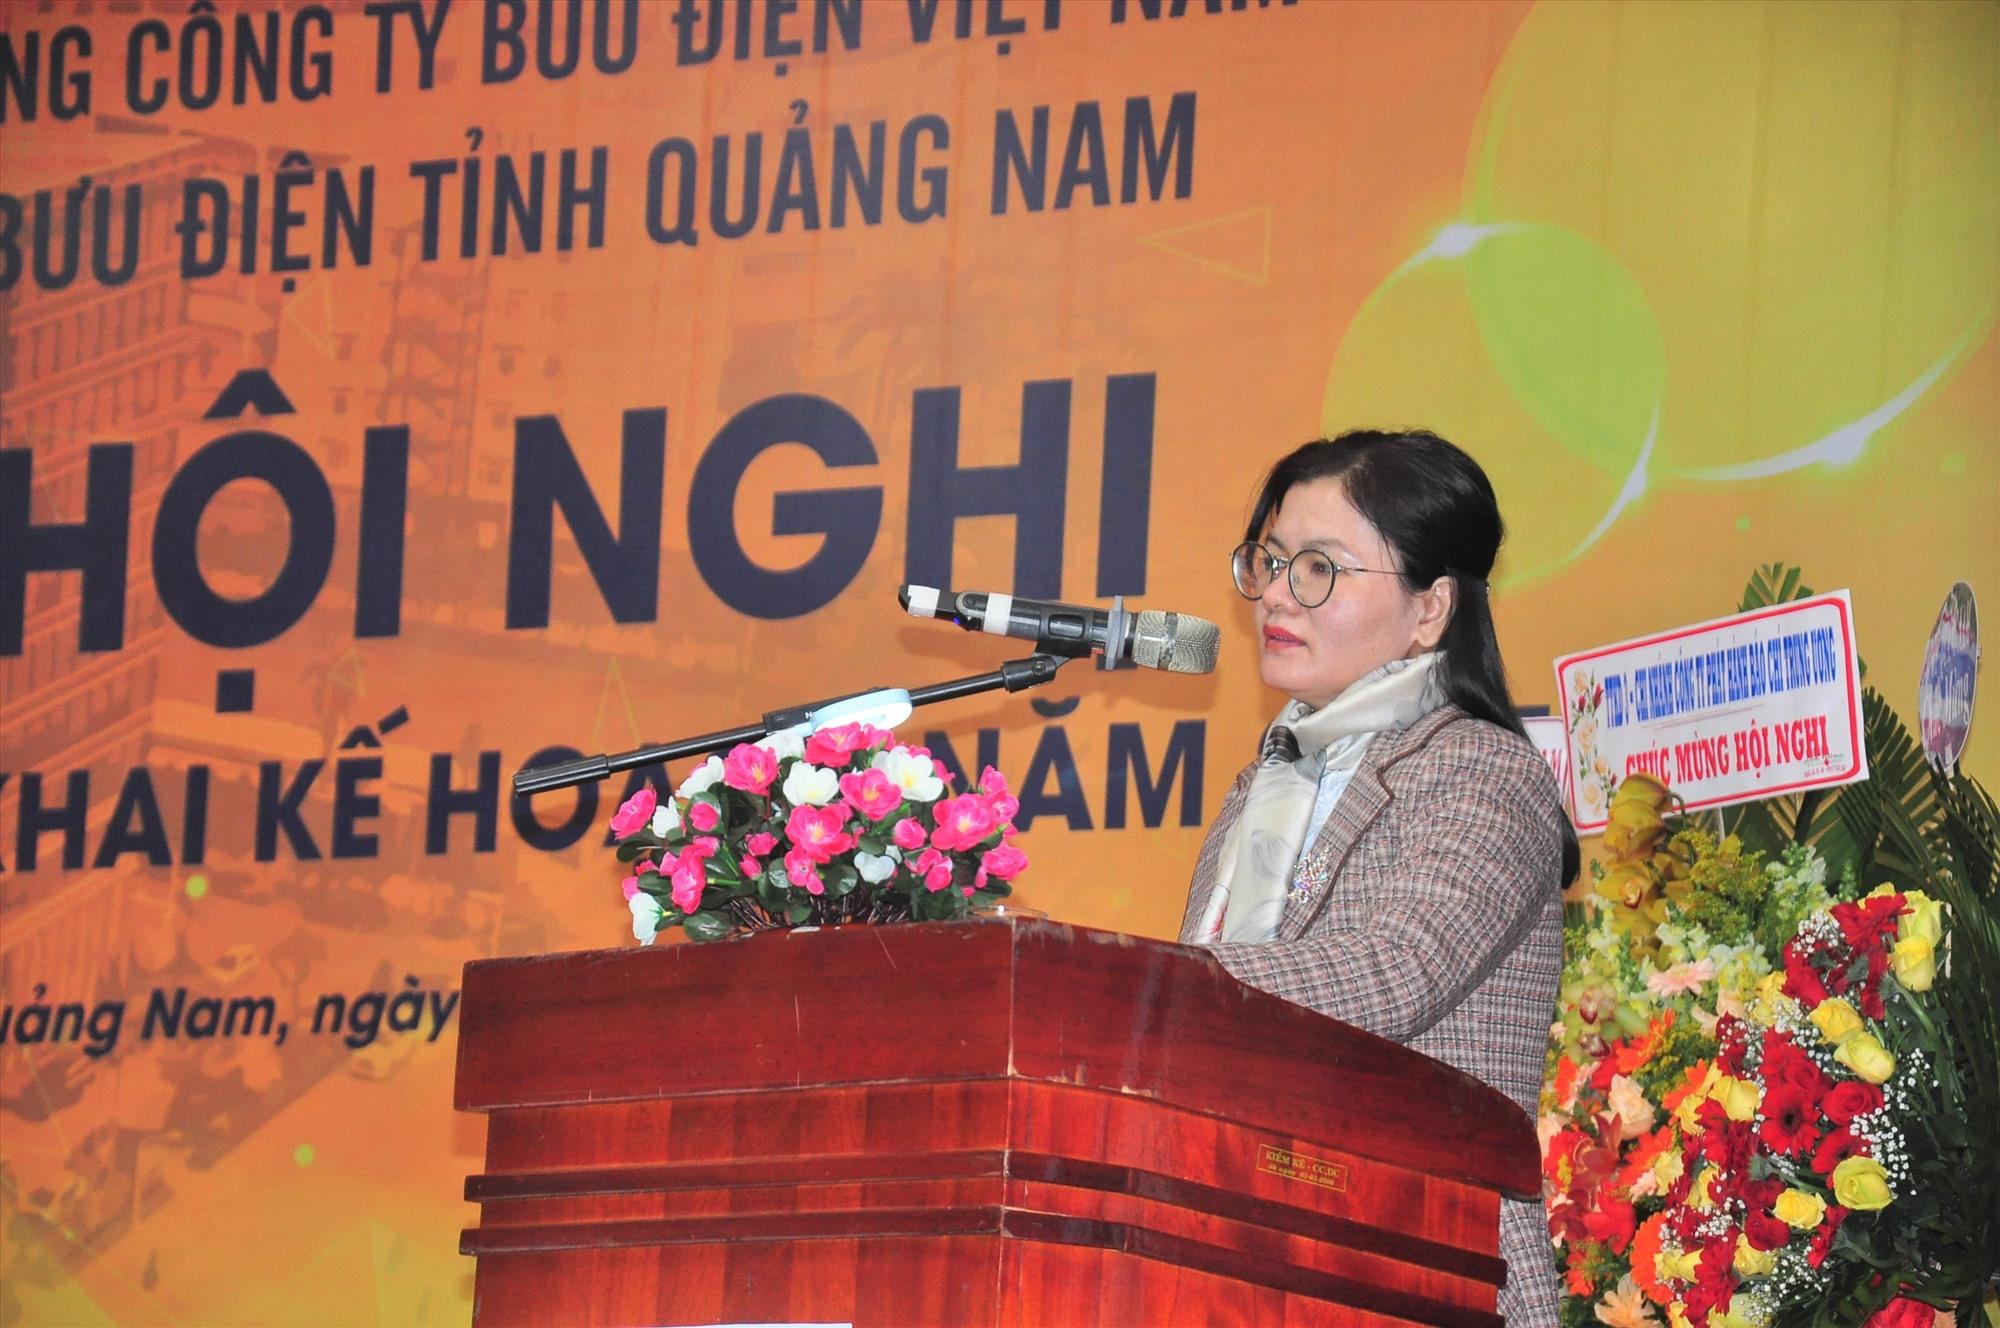 Bà Phạm Thị Ngọc Quyên - Phó Giám đốc Sở TT-TT phát biểu tại hội nghị. Ảnh: VINH ANH